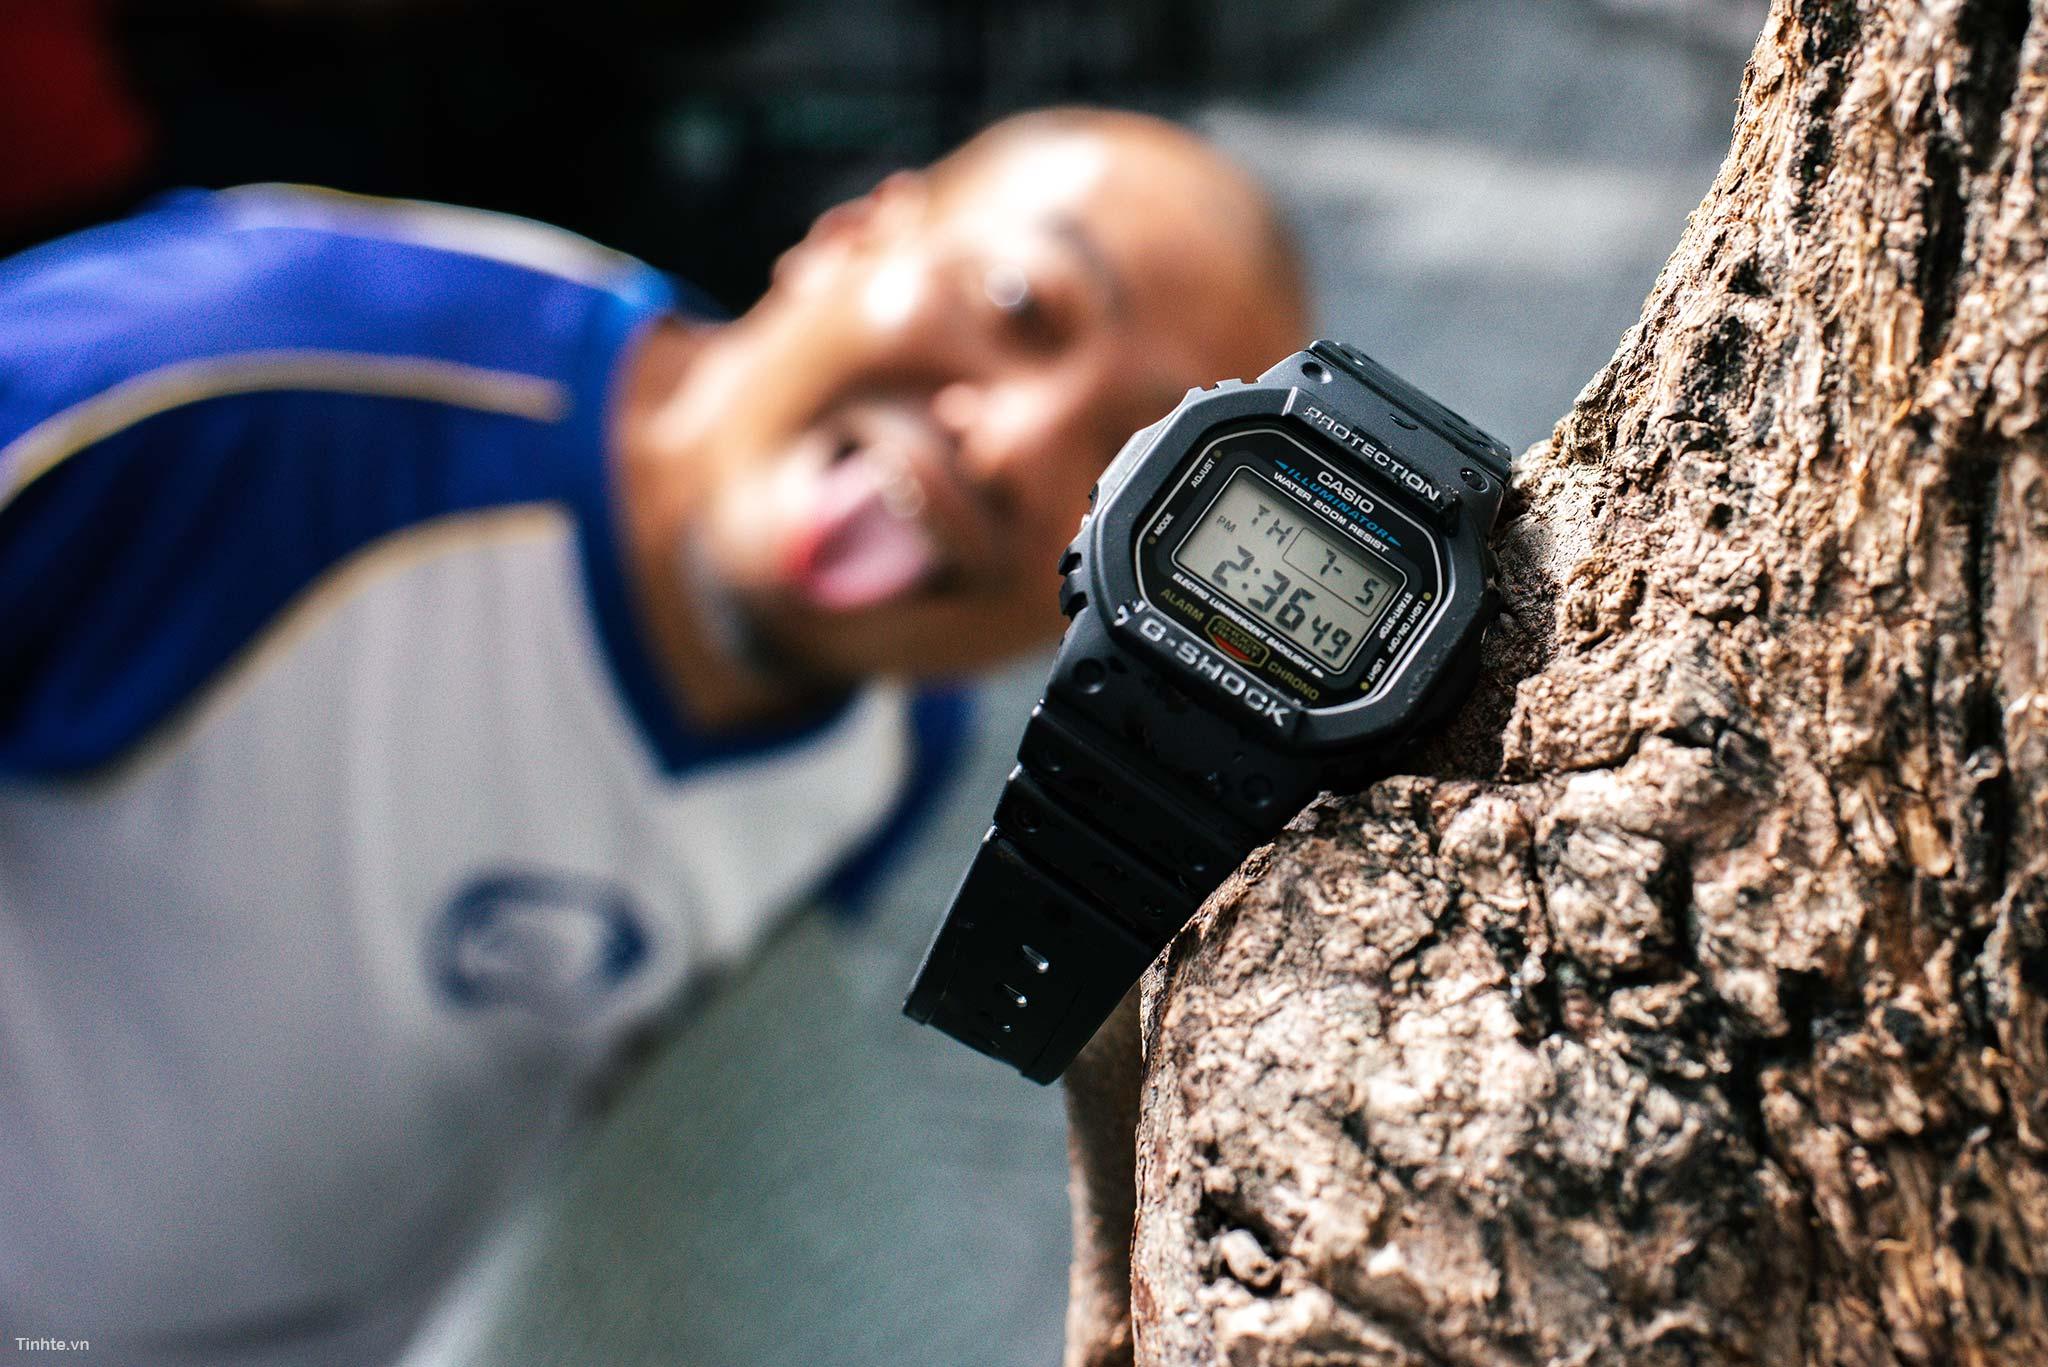 Đồng hồ Casio G-Shock DW-5600E: đơn giản, gọn nhẹ mà lại rẻ